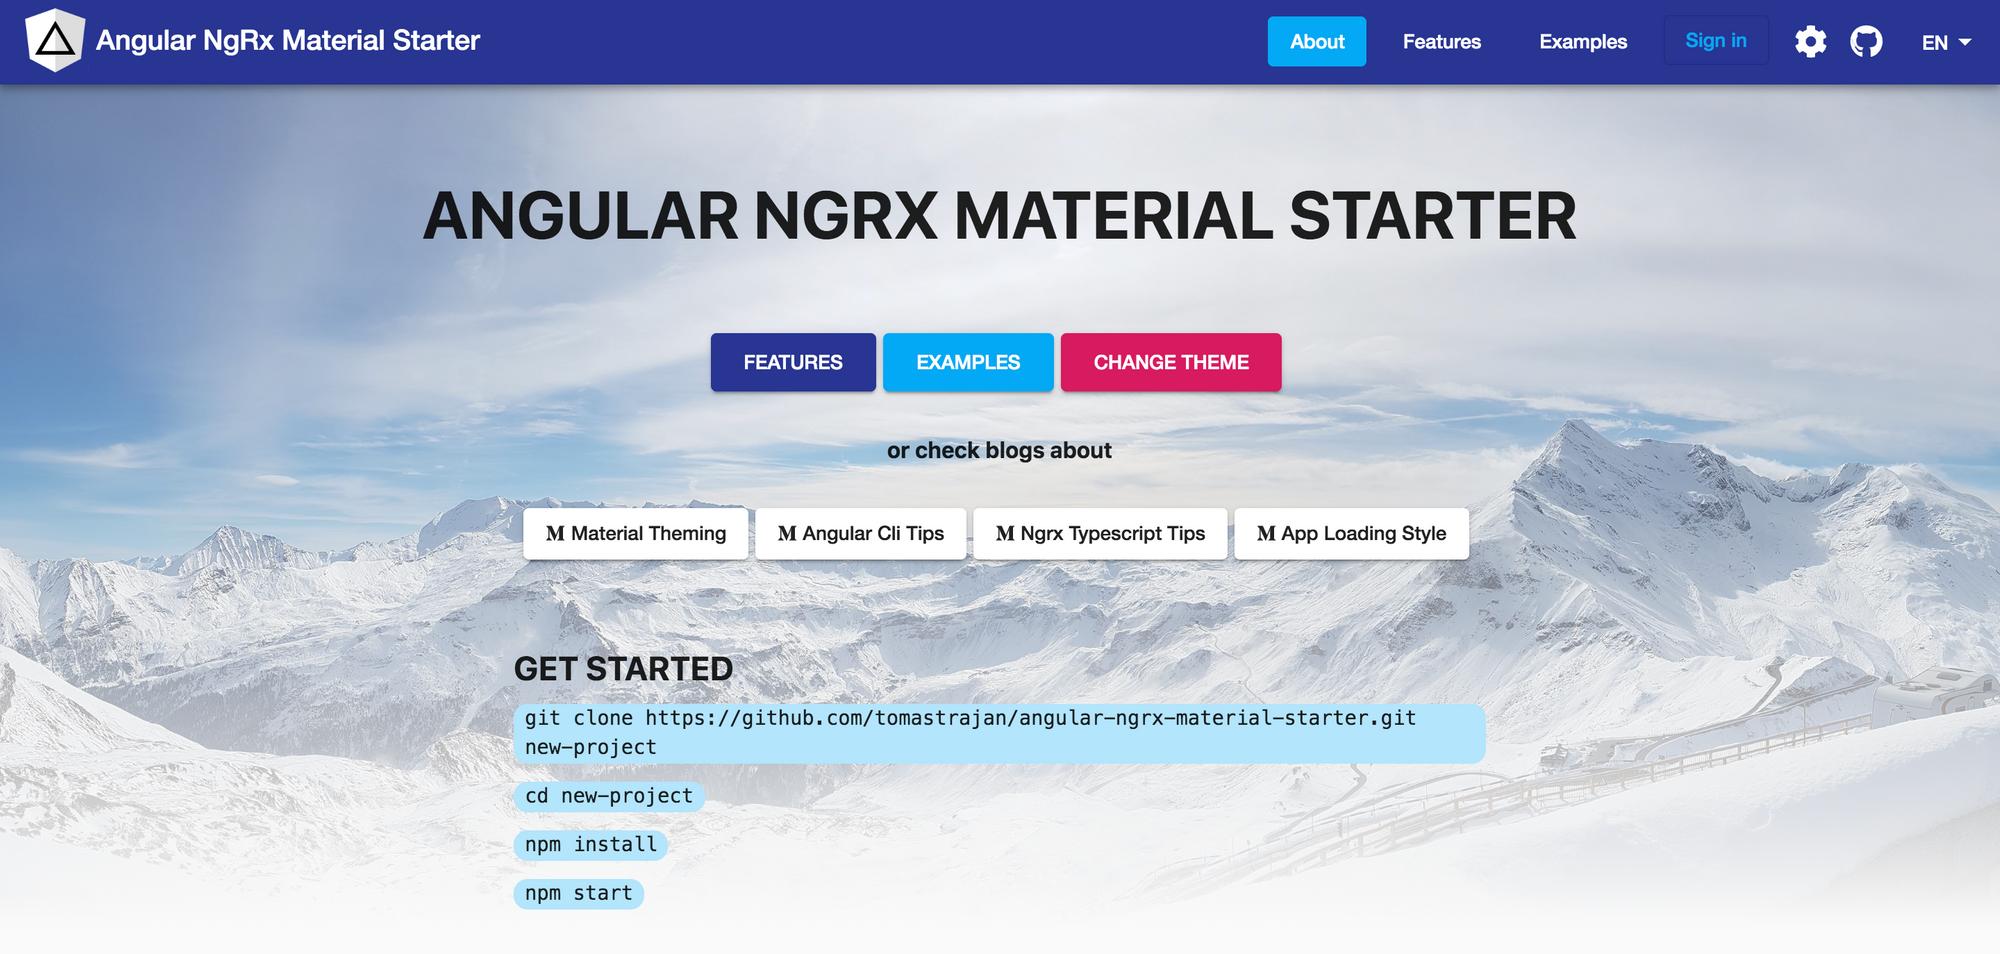 Angular NGRX Material Starter - Angular